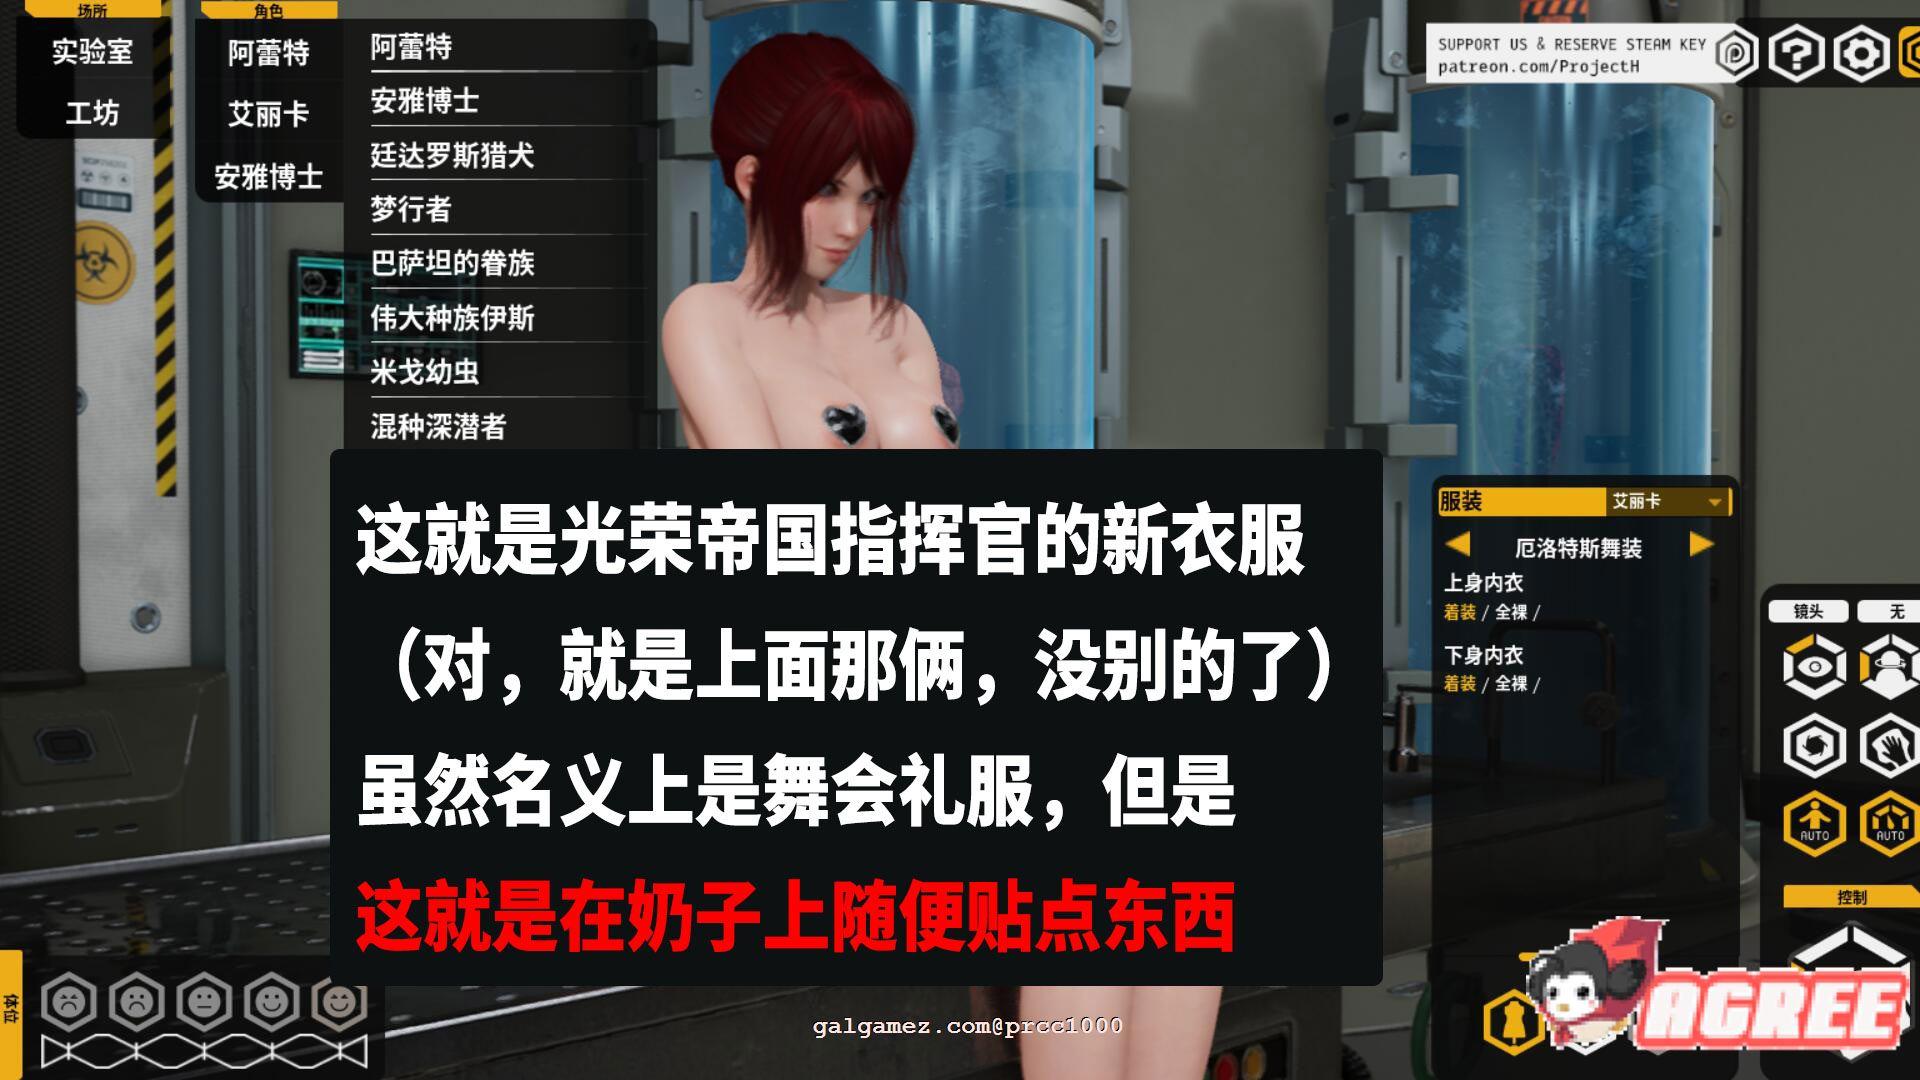 【极品3D/中文/全动态】堕落玩偶-爱欲行动V0.32中文步兵版+动画【70G】 7